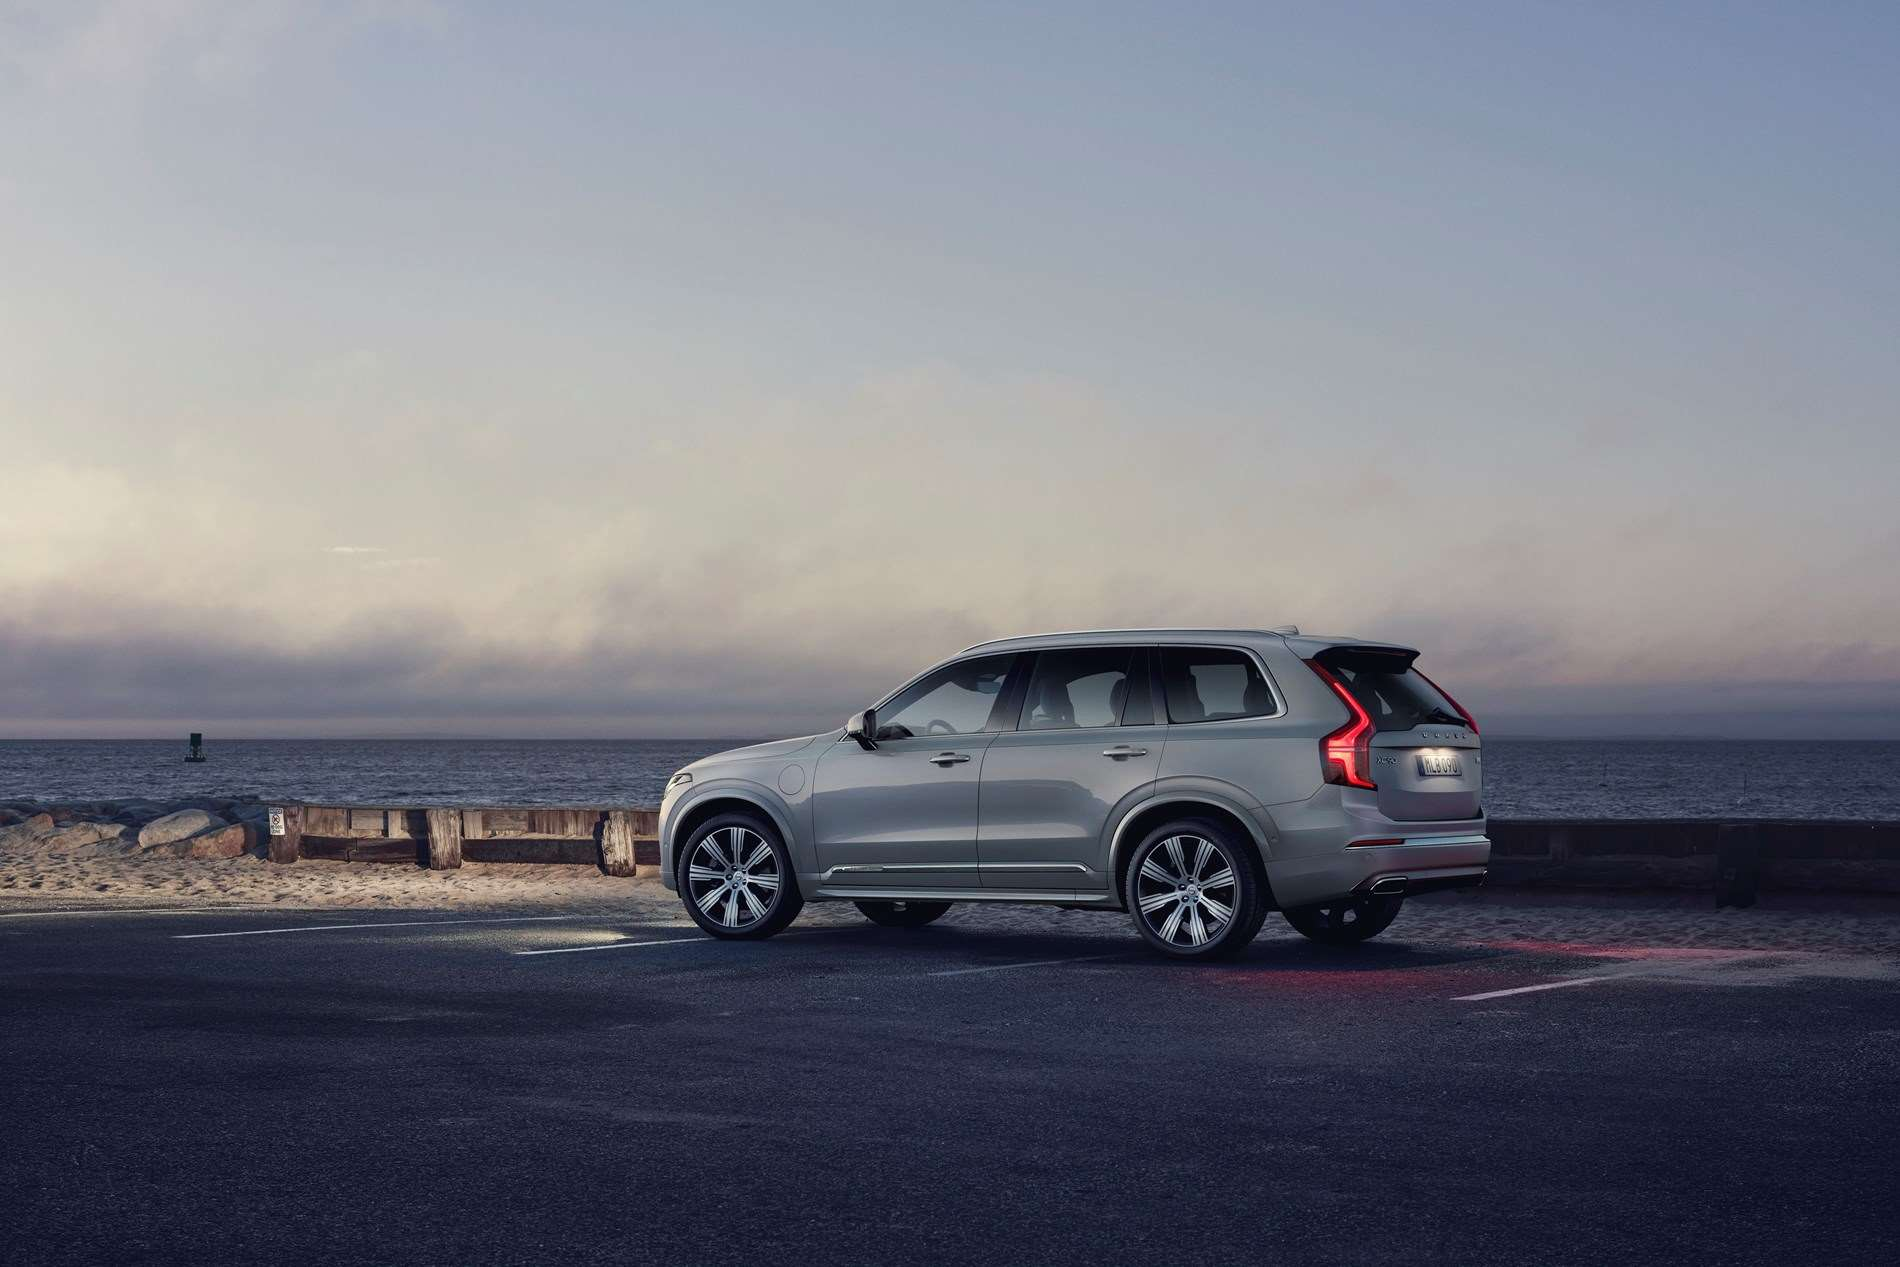 Volvo Cars neemt maatregelen om impact coronavirus te beperken